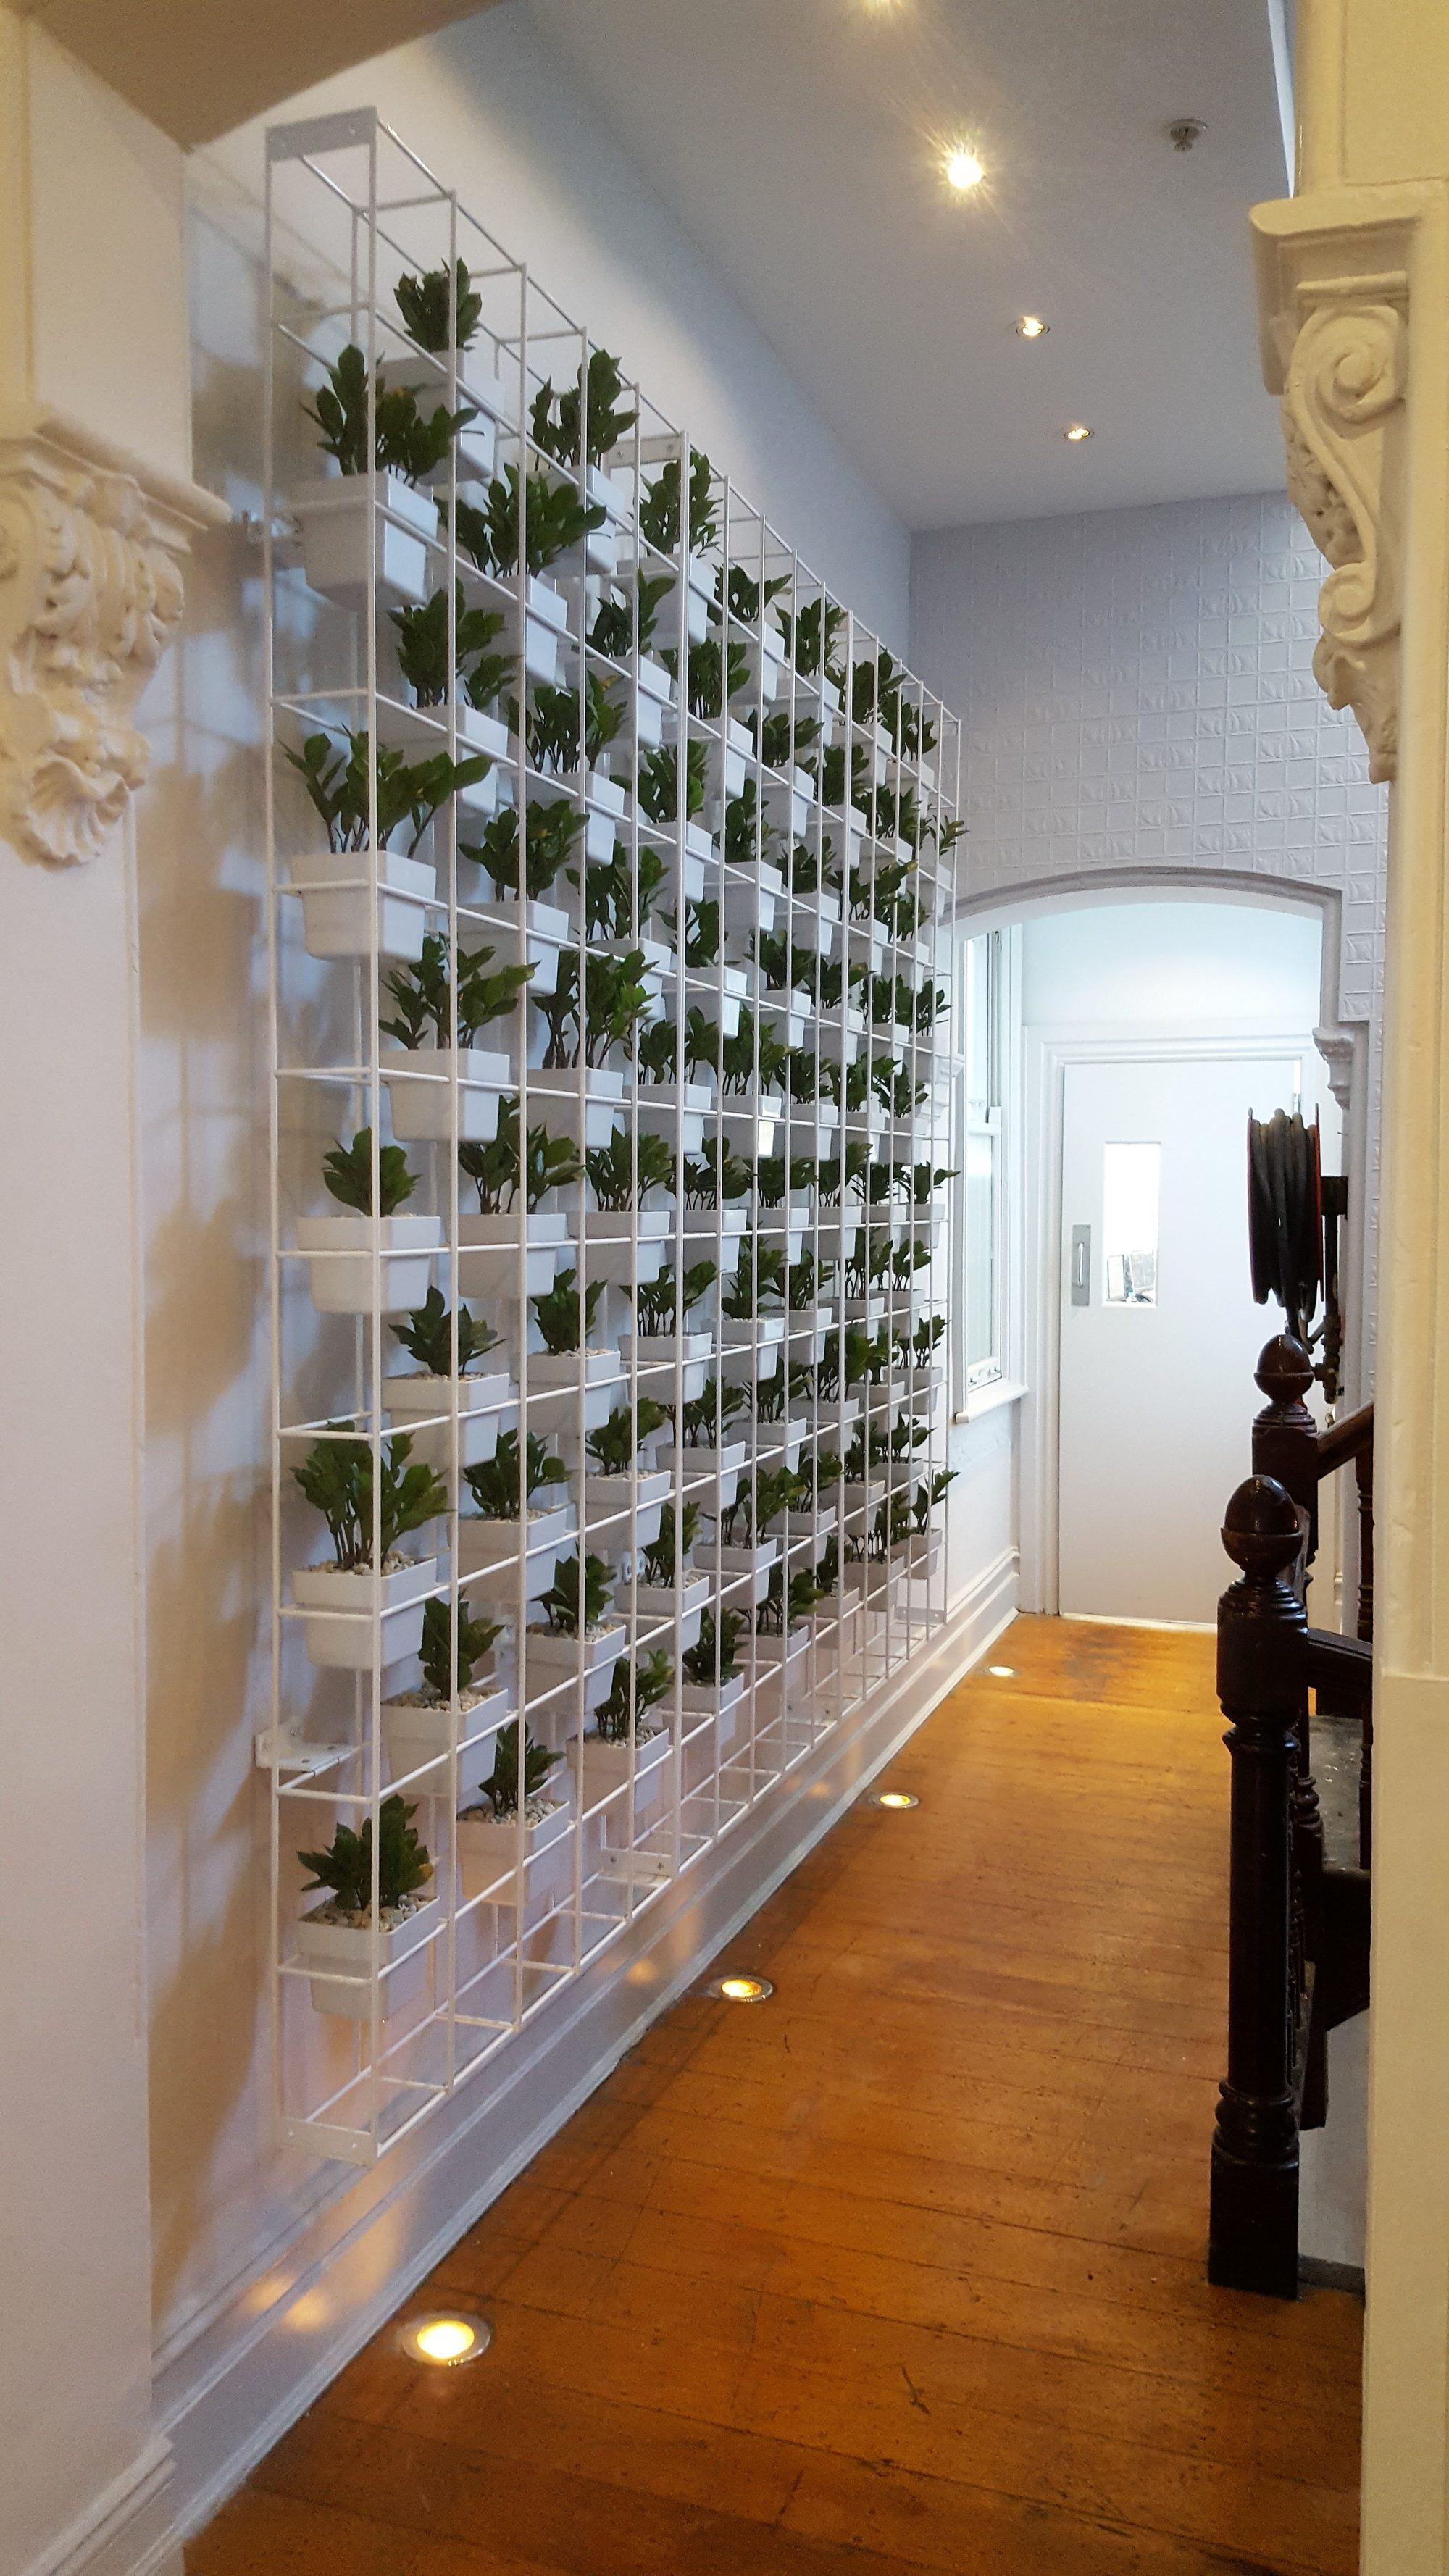 Vertical garden, indoor plant hire, office plant hire, vertical planting, vertical greenery, interior office design